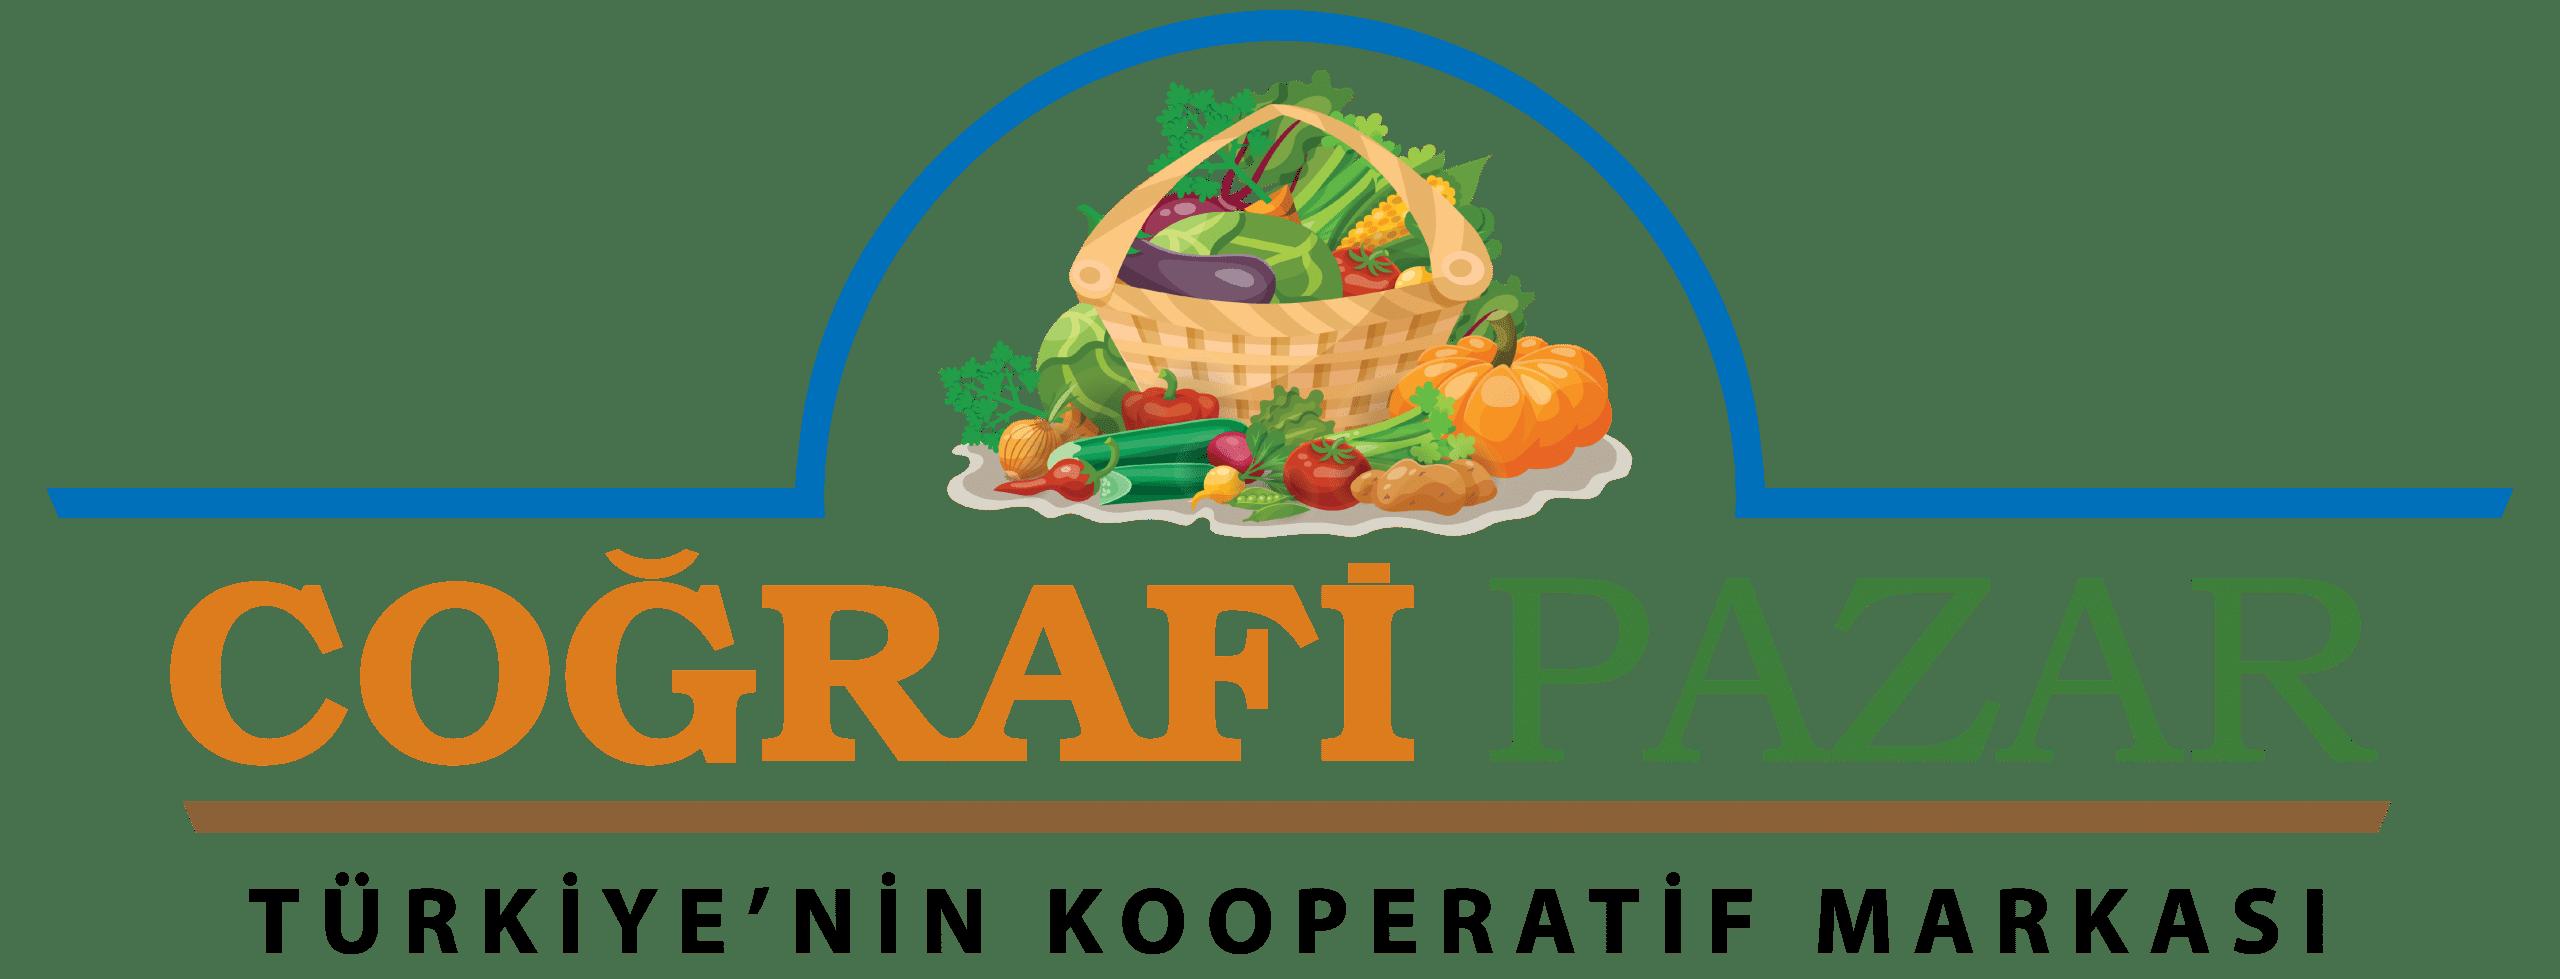 Türkiye'nin Kooperatif Markası